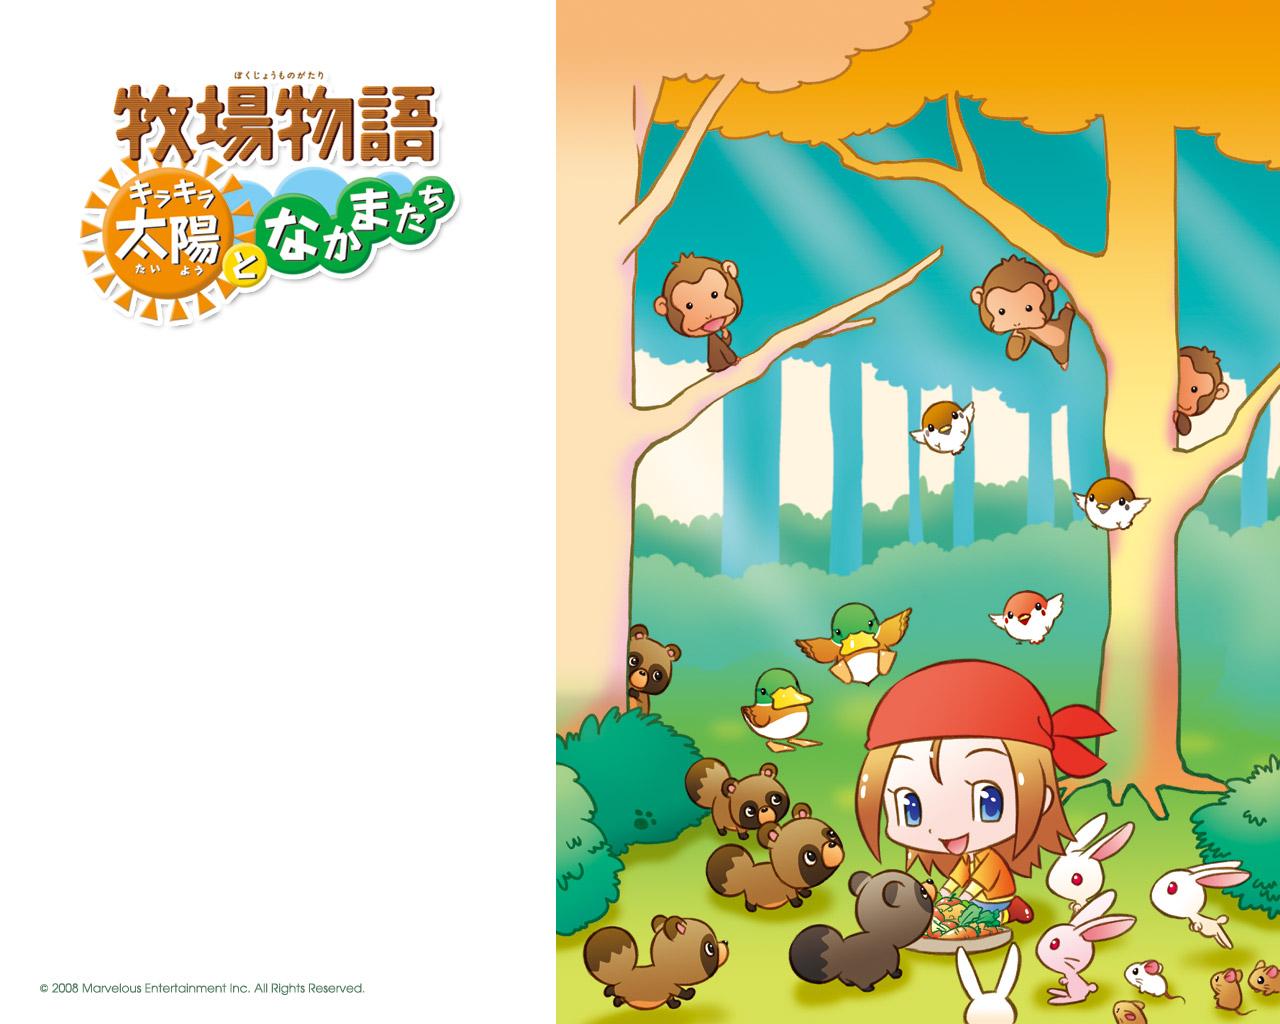 歴代『牧場物語』シリーズまとめ2 DS、3DS、Wii編 …